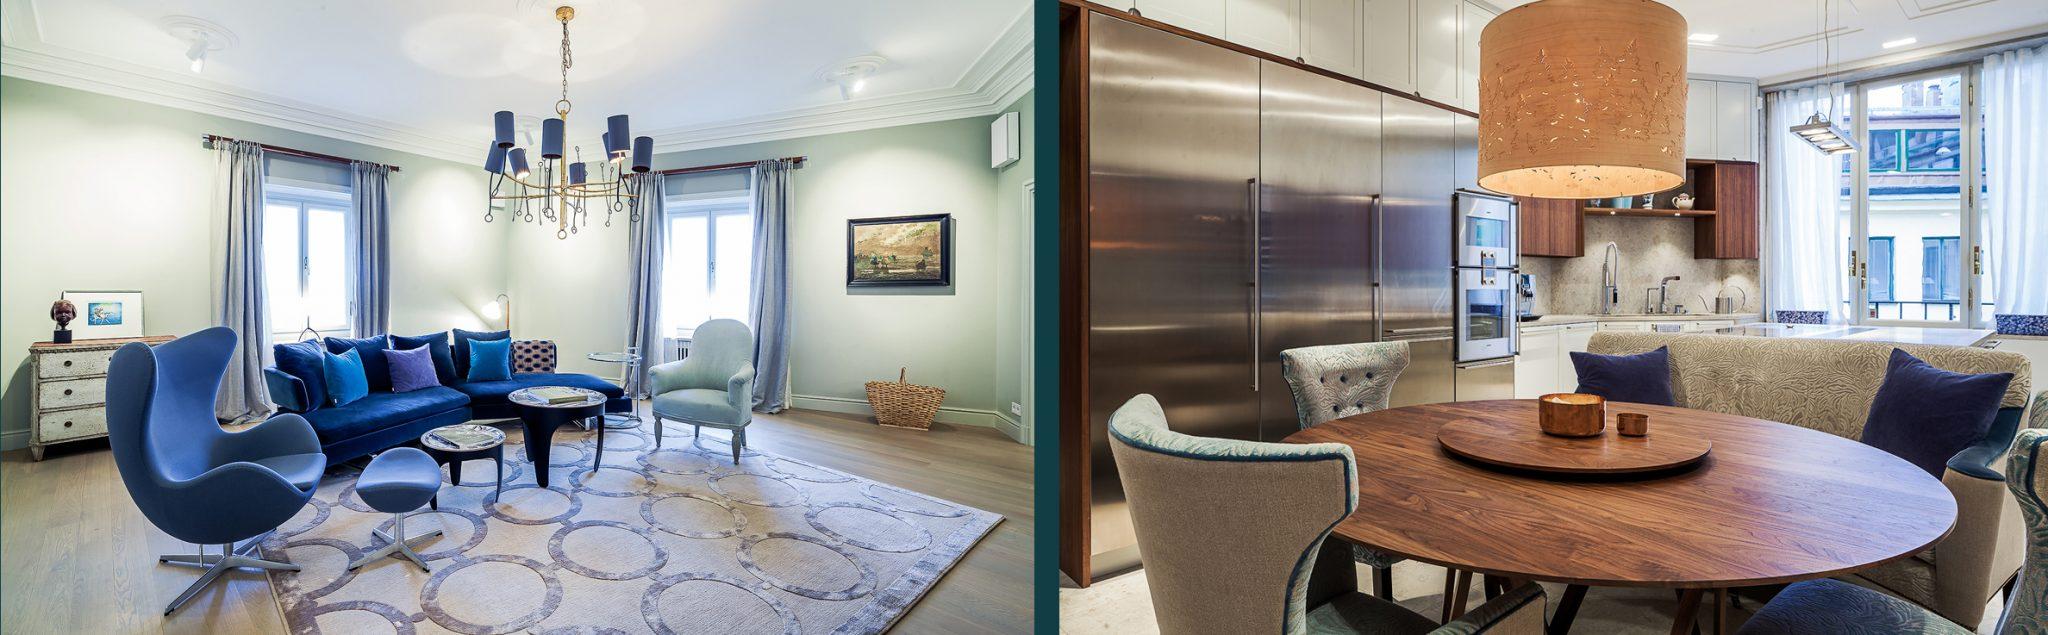 Vardagsrum och kök i renoverad lägenhet av Rex Arkitektbyrå